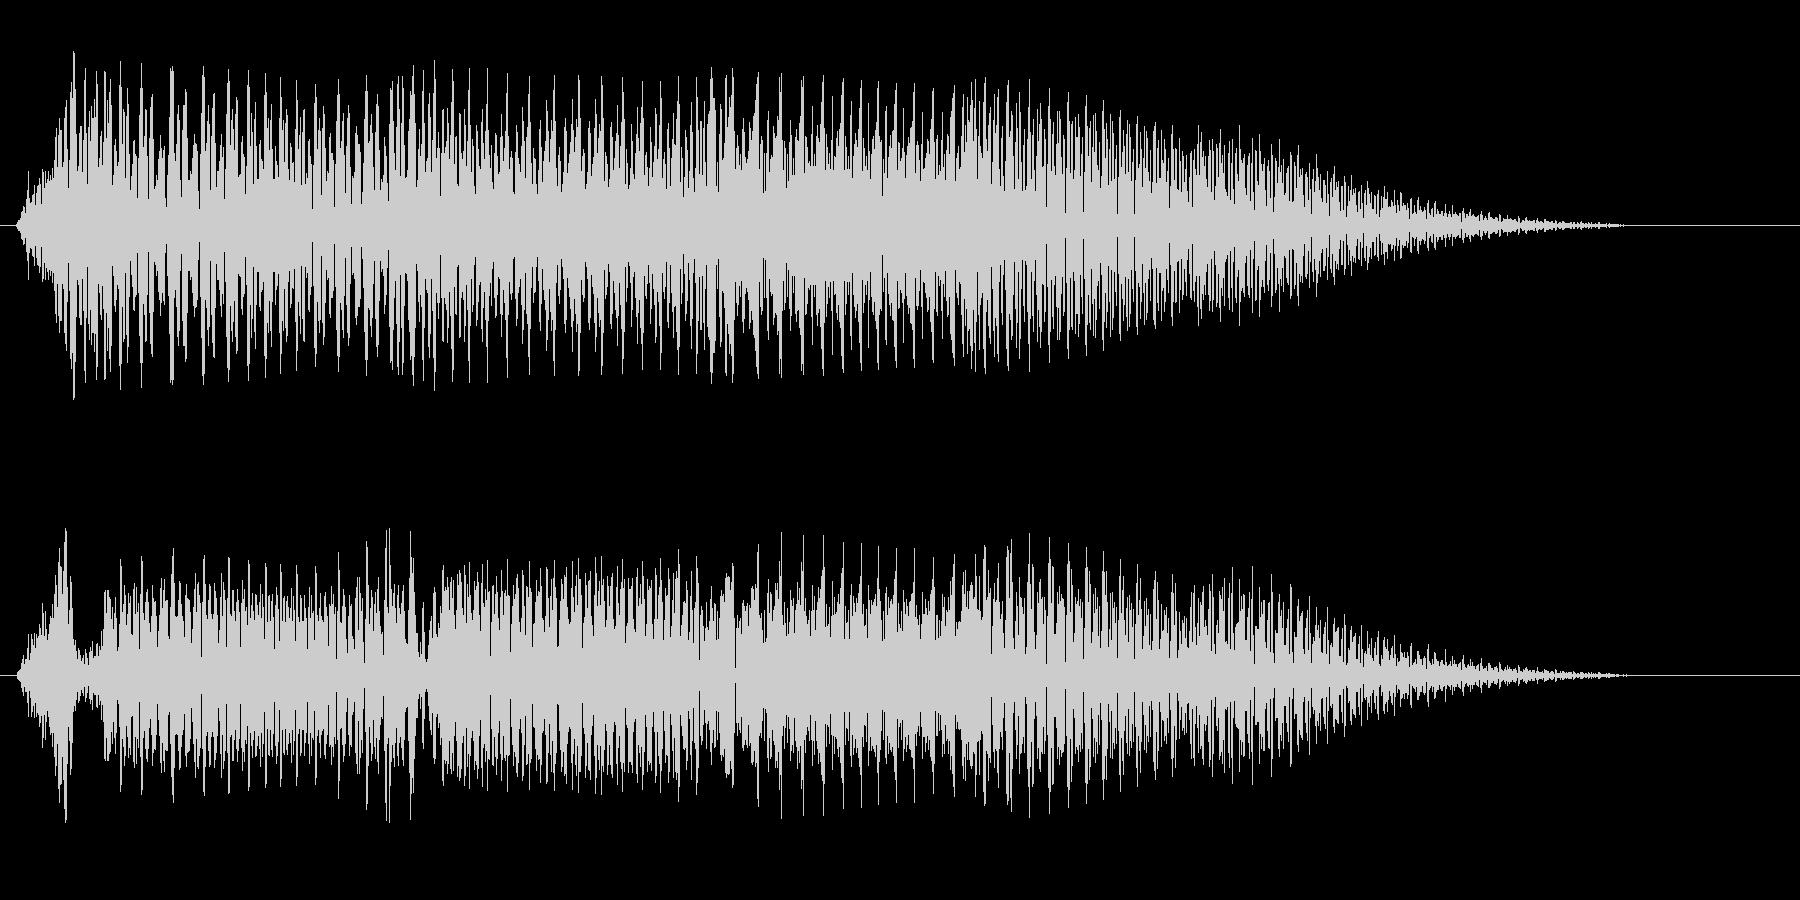 ビヨヨヨヨーン(小動物が動く音)の未再生の波形